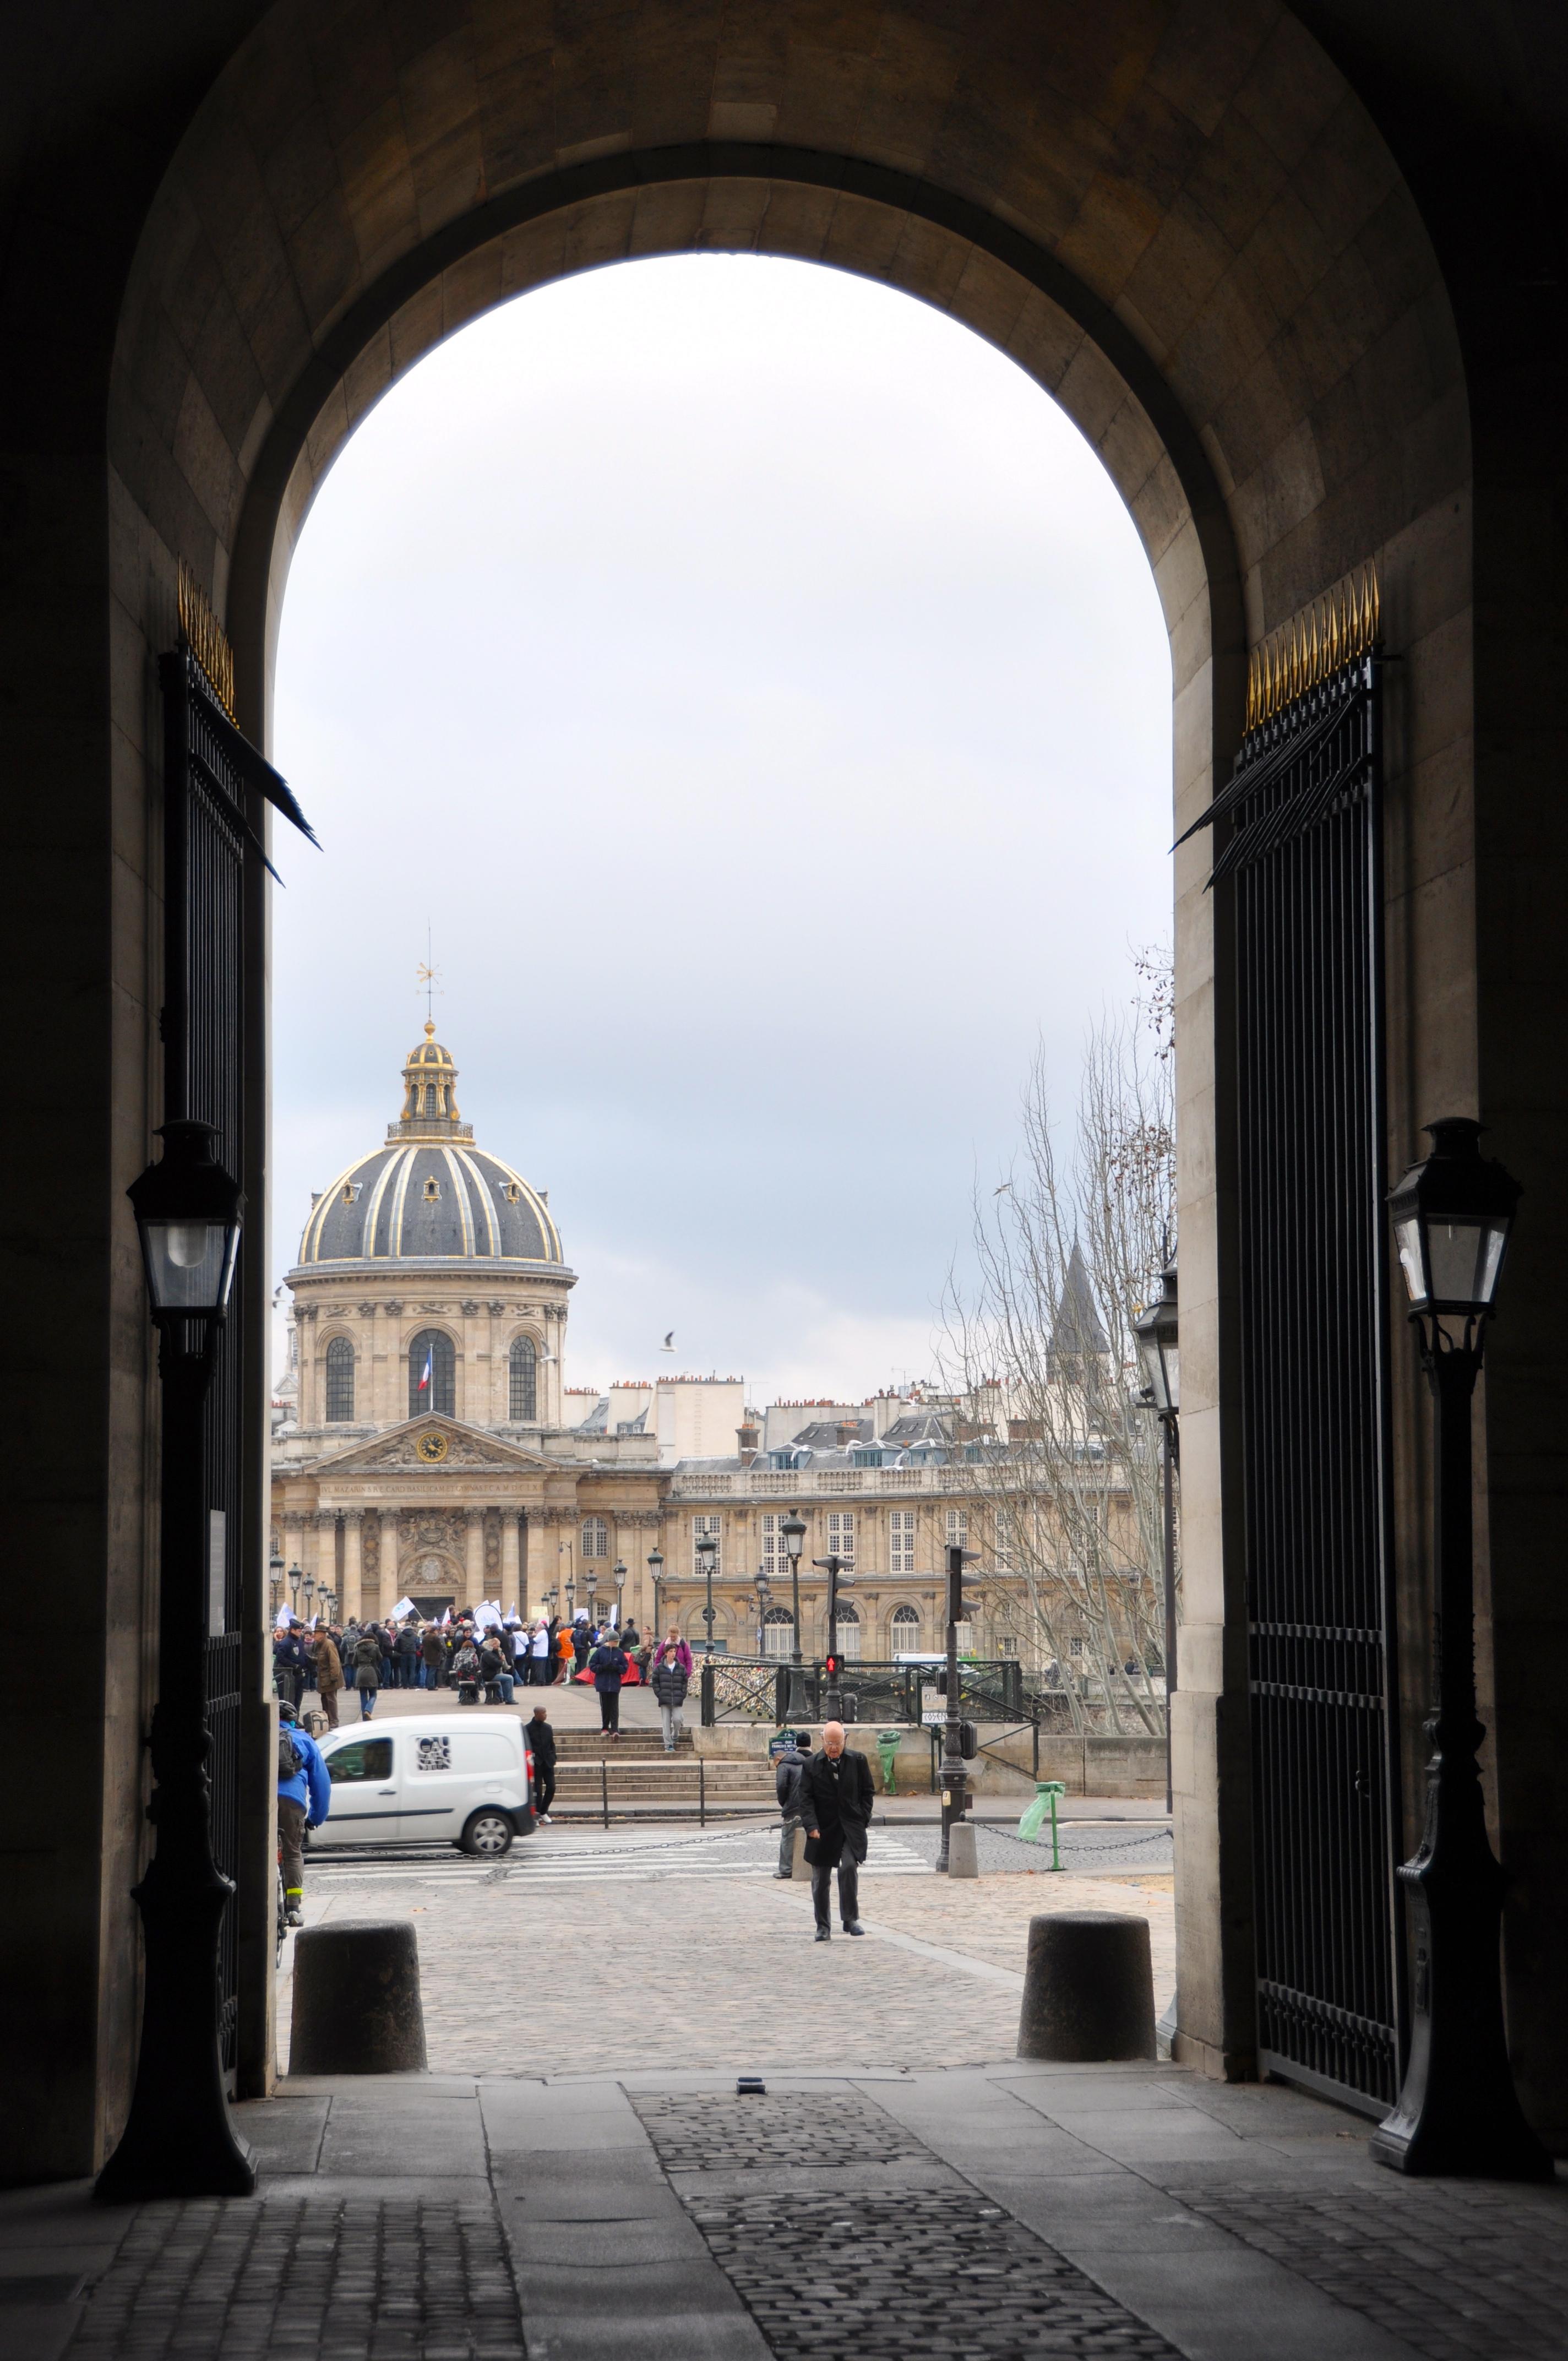 Le passage méridional de la Cour Carrée, Le Louvre, Paris